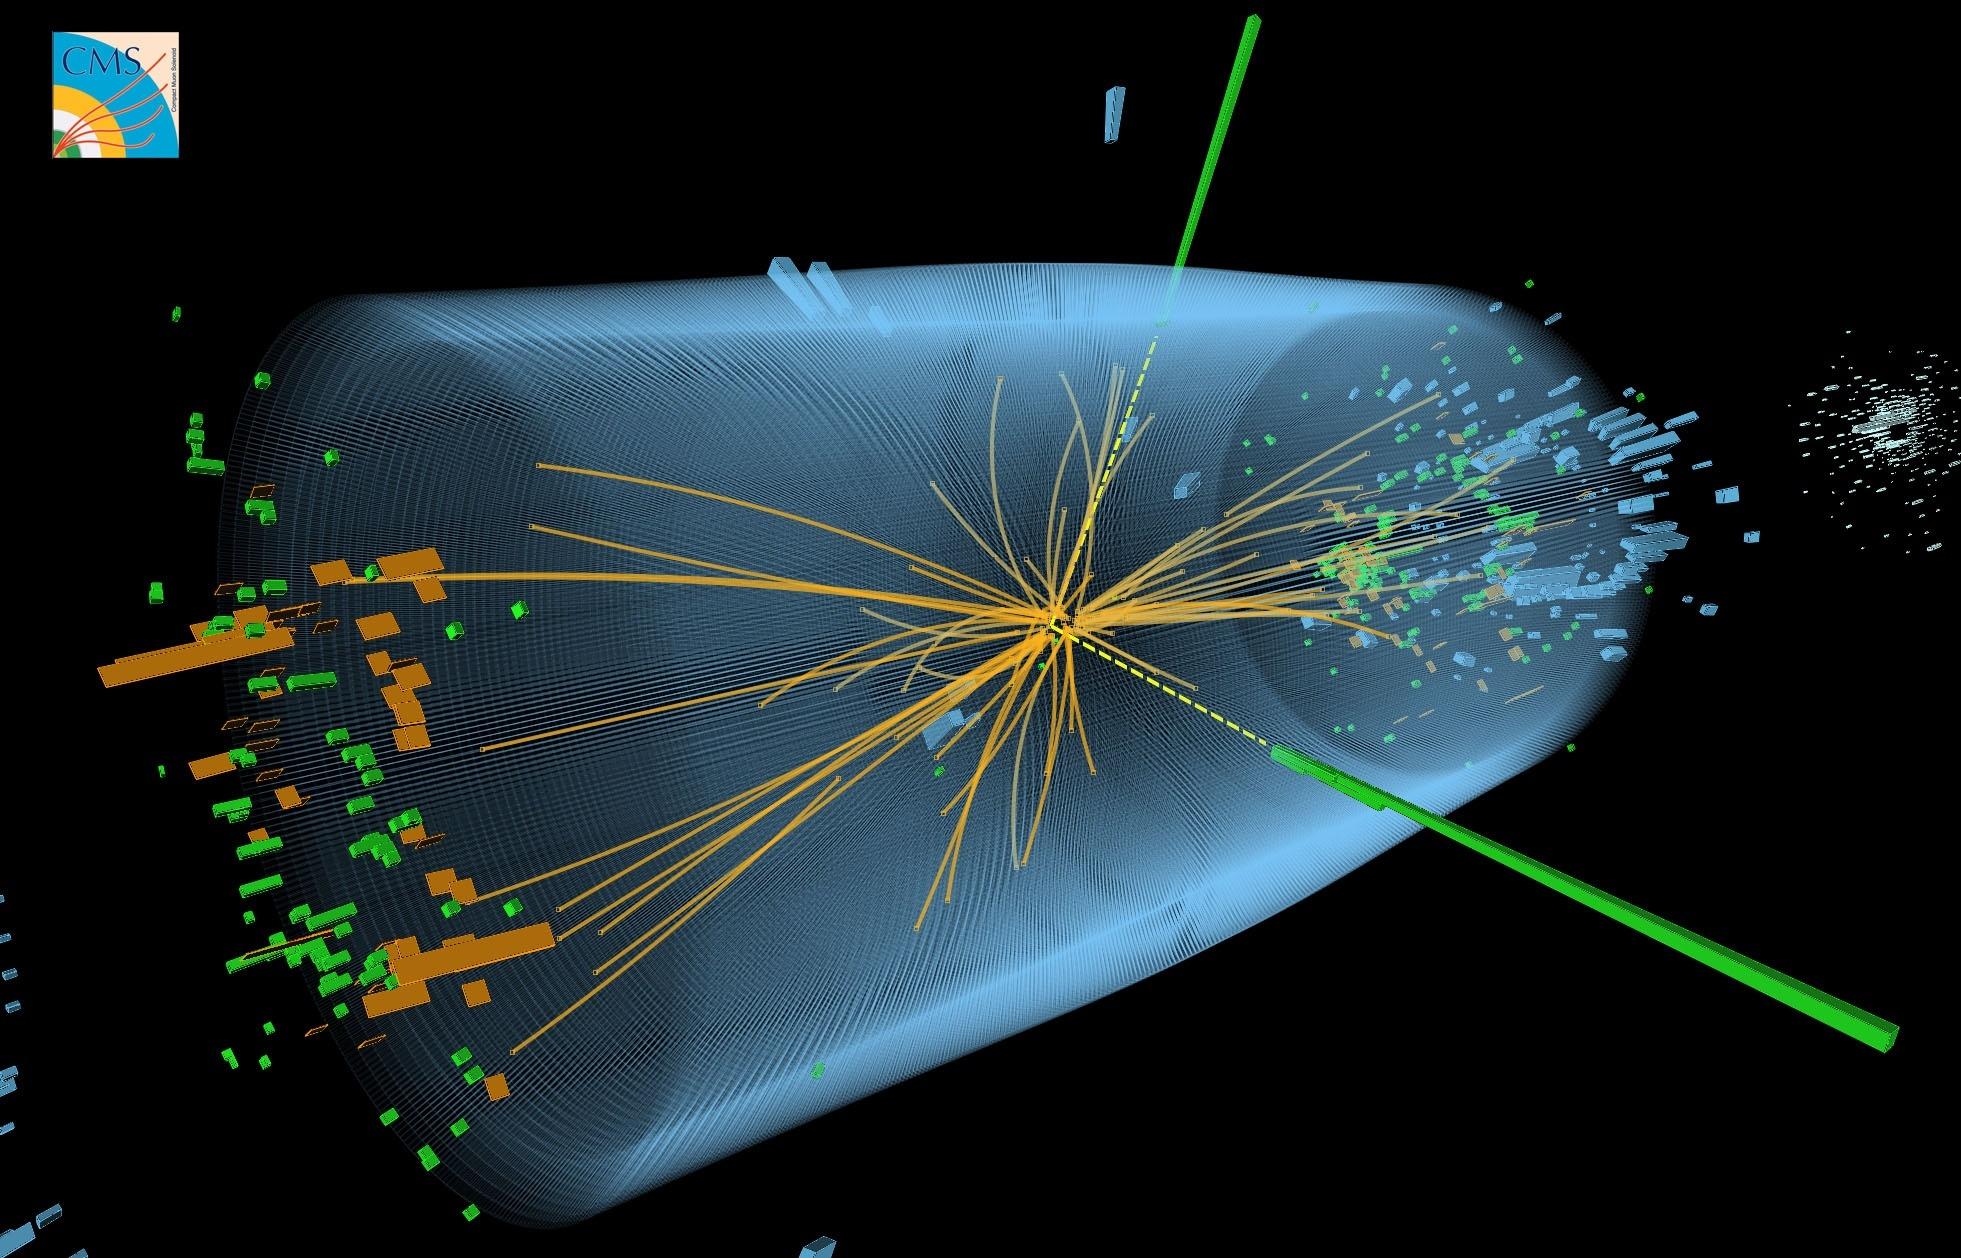 Estudiantes y profesores de Física de la UVA visitan el laboratorio donde se ha descubierto el »bosón de Higgs»